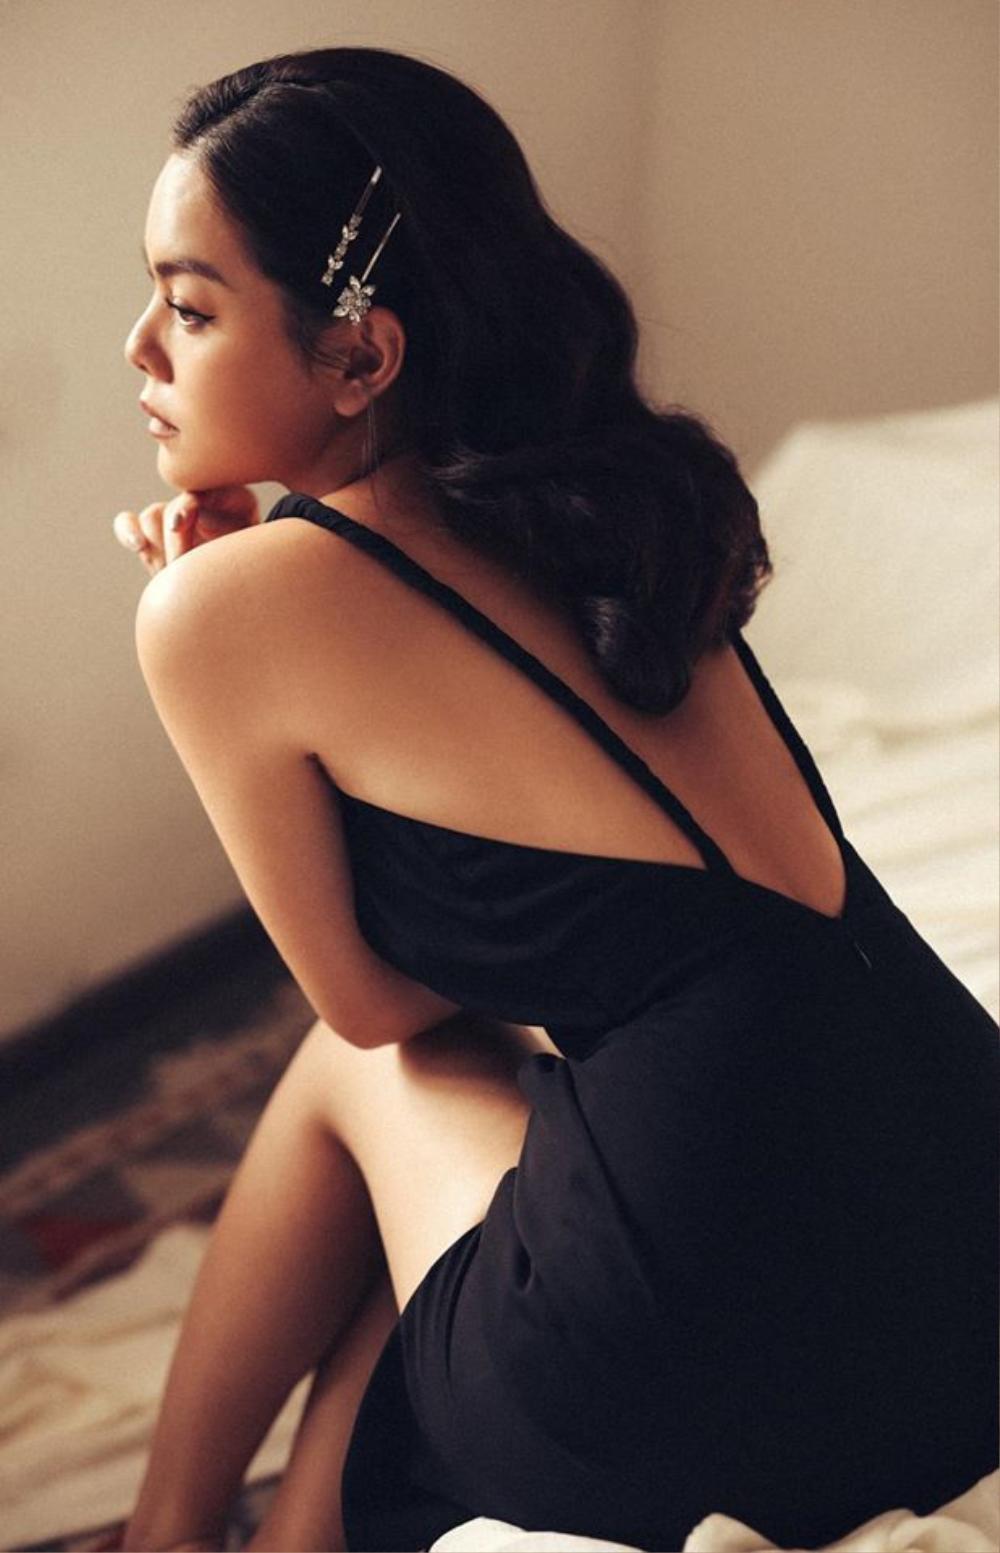 Phạm Quỳnh Anh khoe lưng trần gợi cảm: 'Hãy sống vui vẻ nhé, hạnh phúc luôn phần tôi' Ảnh 3